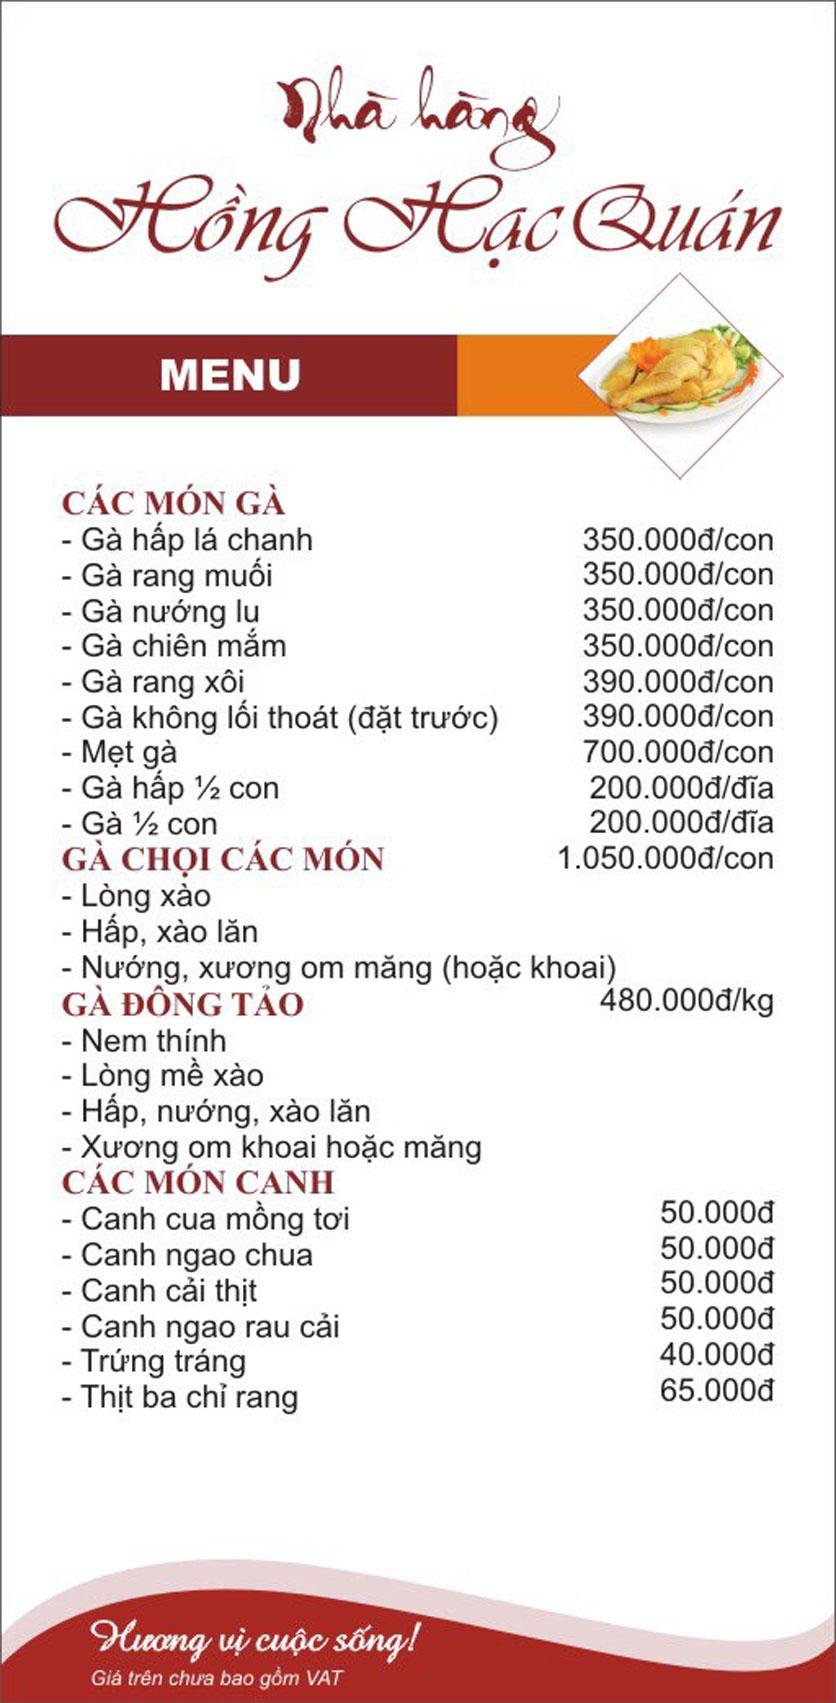 Menu Hồng Hạc - Tây Sơn 7